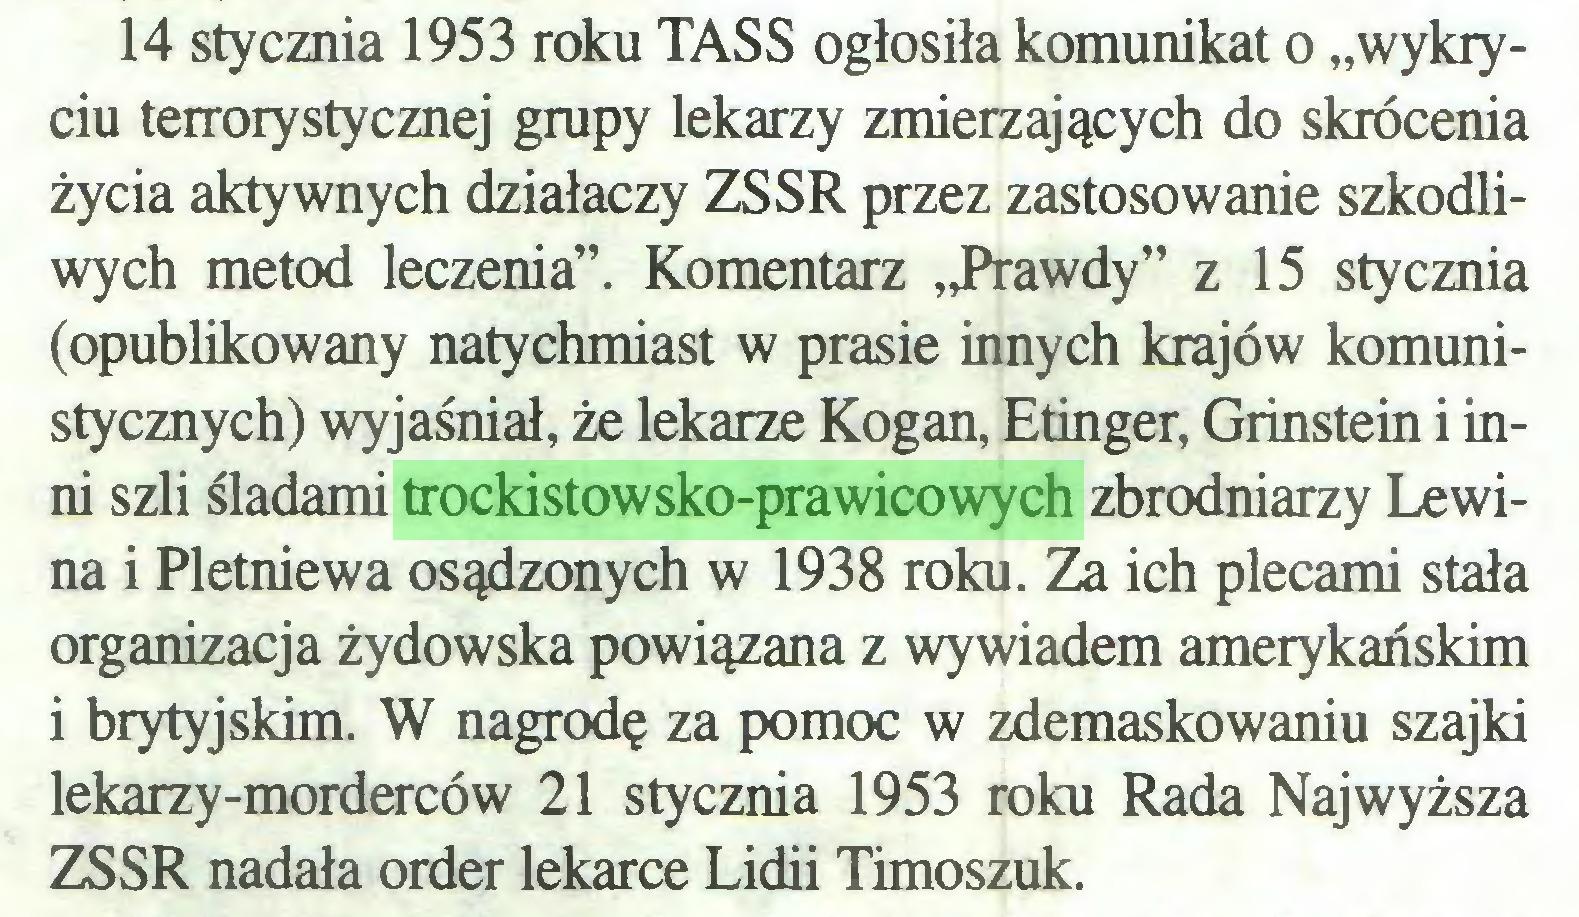 """(...) 14 stycznia 1953 roku TASS ogłosiła komunikat o """"wykryciu terrorystycznej grupy lekarzy zmierzających do skrócenia życia aktywnych działaczy ZSSR przez zastosowanie szkodliwych metod leczenia"""". Komentarz """"Prawdy"""" z 15 stycznia (opublikowany natychmiast w prasie innych krajów komunistycznych) wyjaśniał, że lekarze Kogan, Etinger, Grinstein i inni szli śladami trockistowsko-prawicowych zbrodniarzy Lewina i Pletniewa osądzonych w 1938 roku. Za ich plecami stała organizacja żydowska powiązana z wywiadem amerykańskim i brytyjskim. W nagrodę za pomoc w zdemaskowaniu szajki lekarzy-morderców 21 stycznia 1953 roku Rada Najwyższa ZSSR nadała order lekarce Lidii Timoszuk..."""